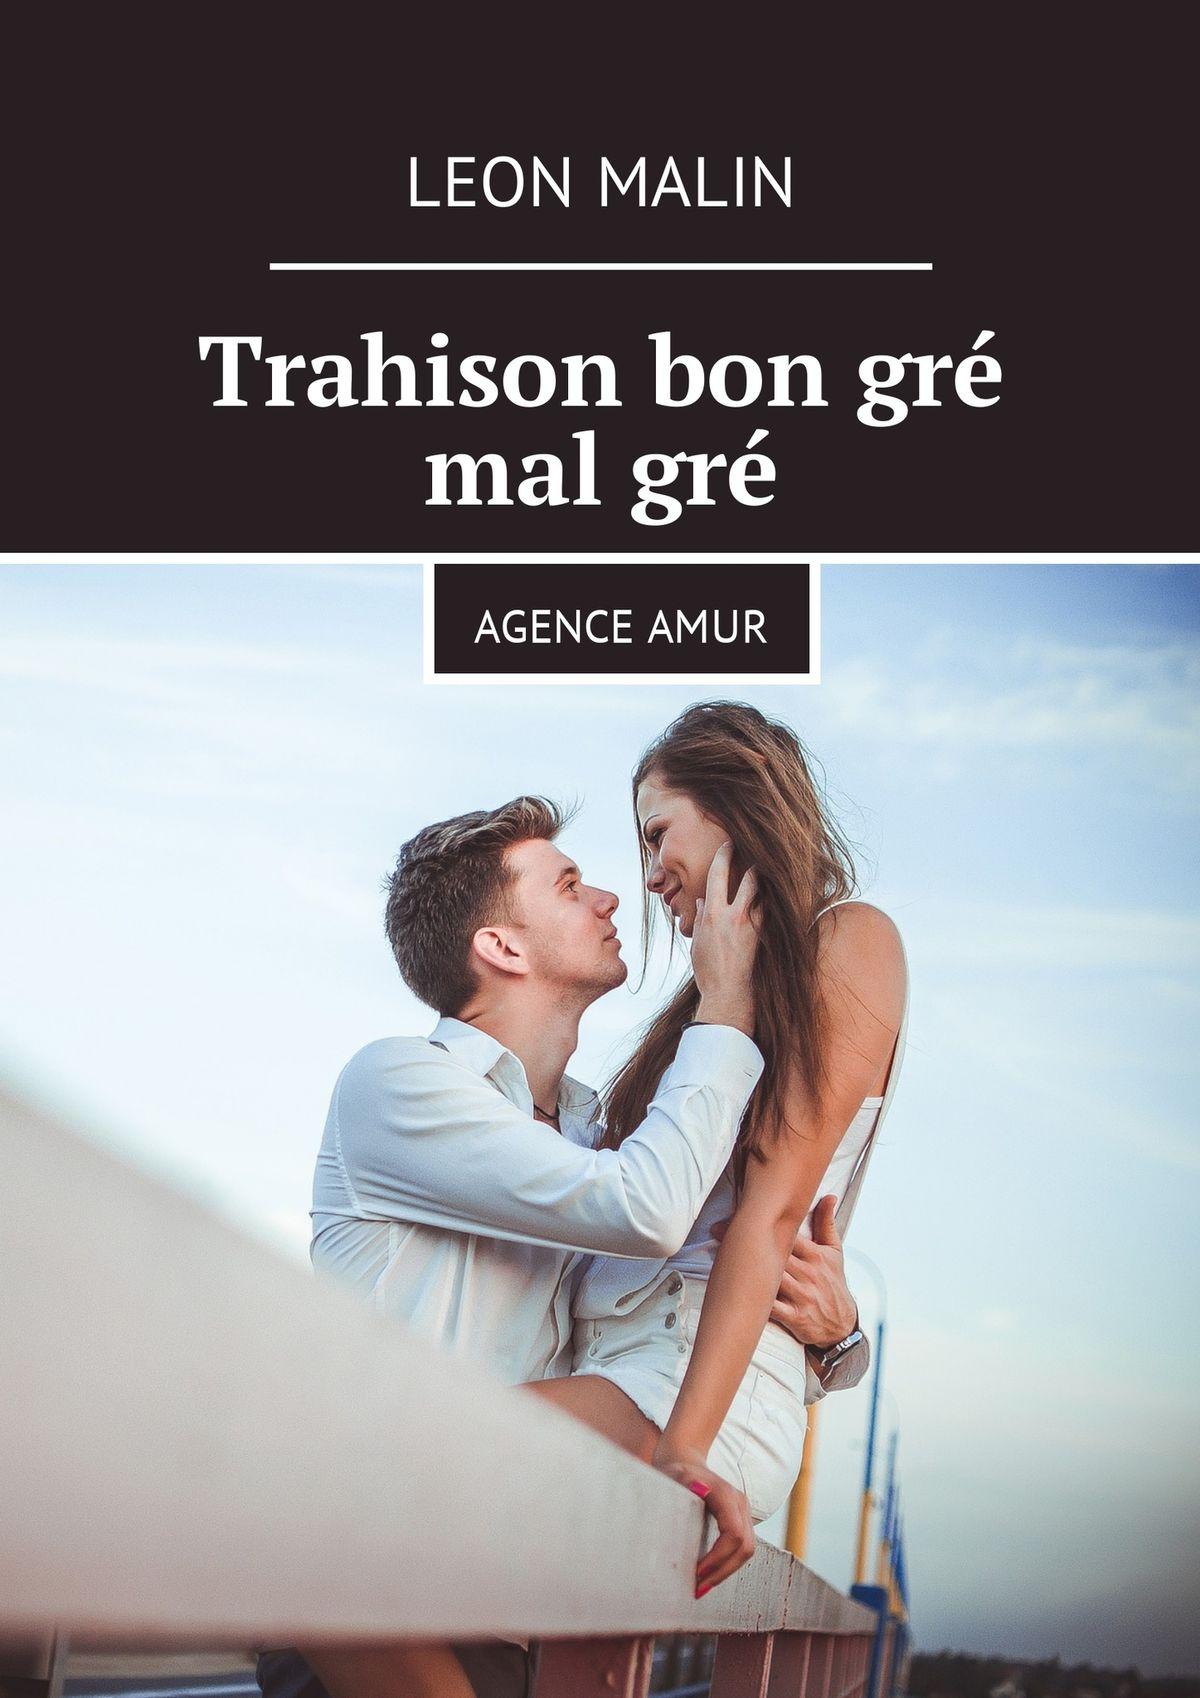 лучшая цена Leon Malin Trahison bon gré malgré. AgenceAmur